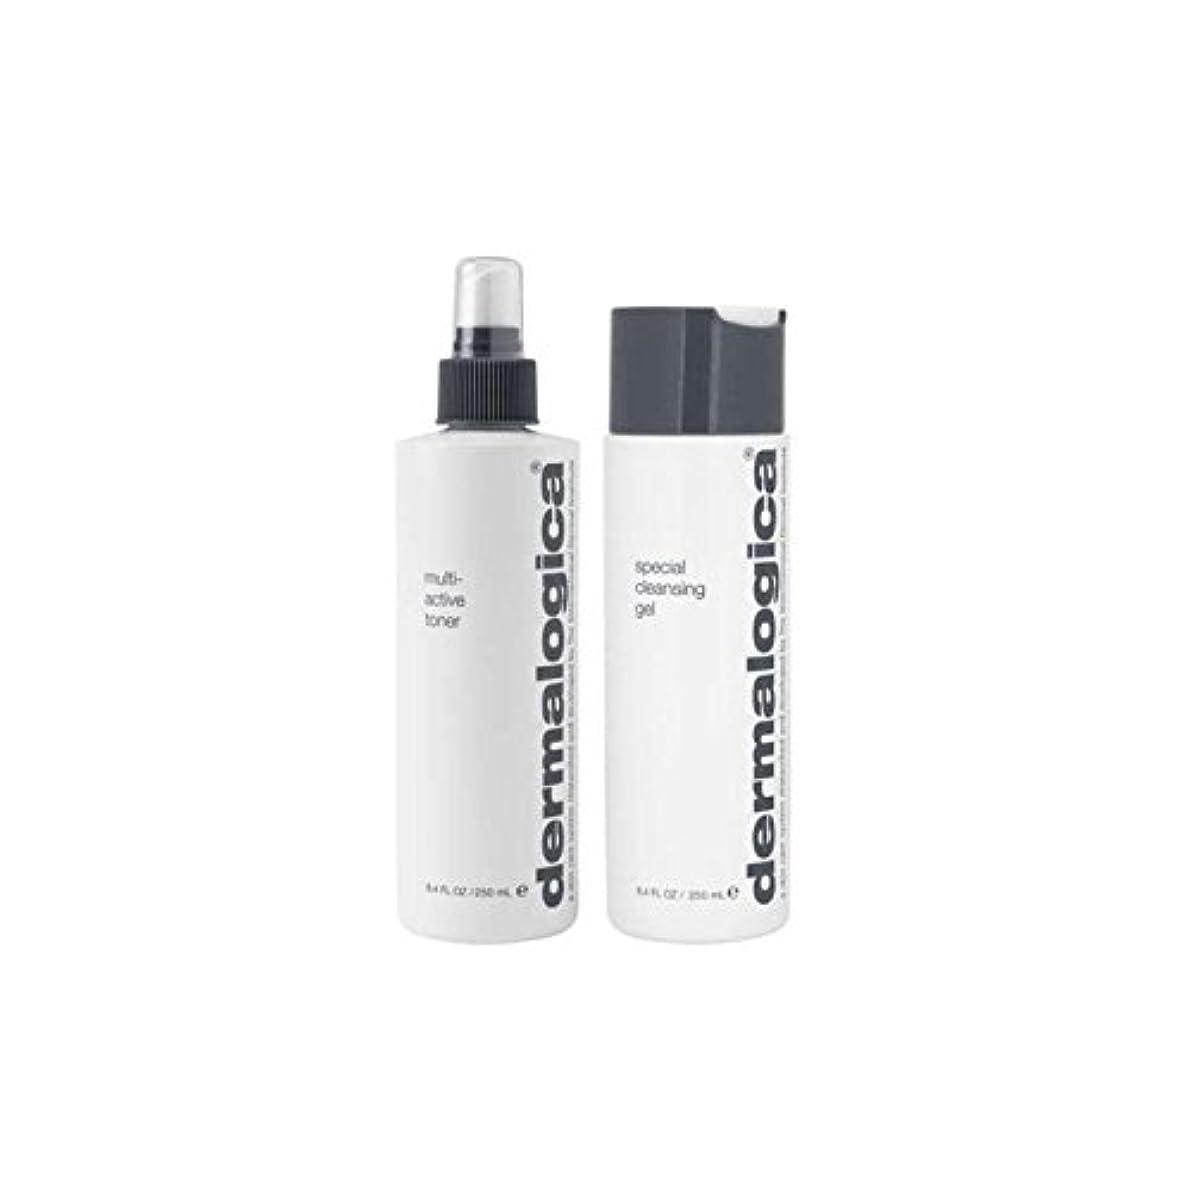 空洞コア科学者Dermalogica Cleanse & Tone Duo - Normal/Dry Skin (2 Products) - ダーマロジカクレンジング&トーンデュオ - ノーマル/ドライスキン(2製品) [並行輸入品]